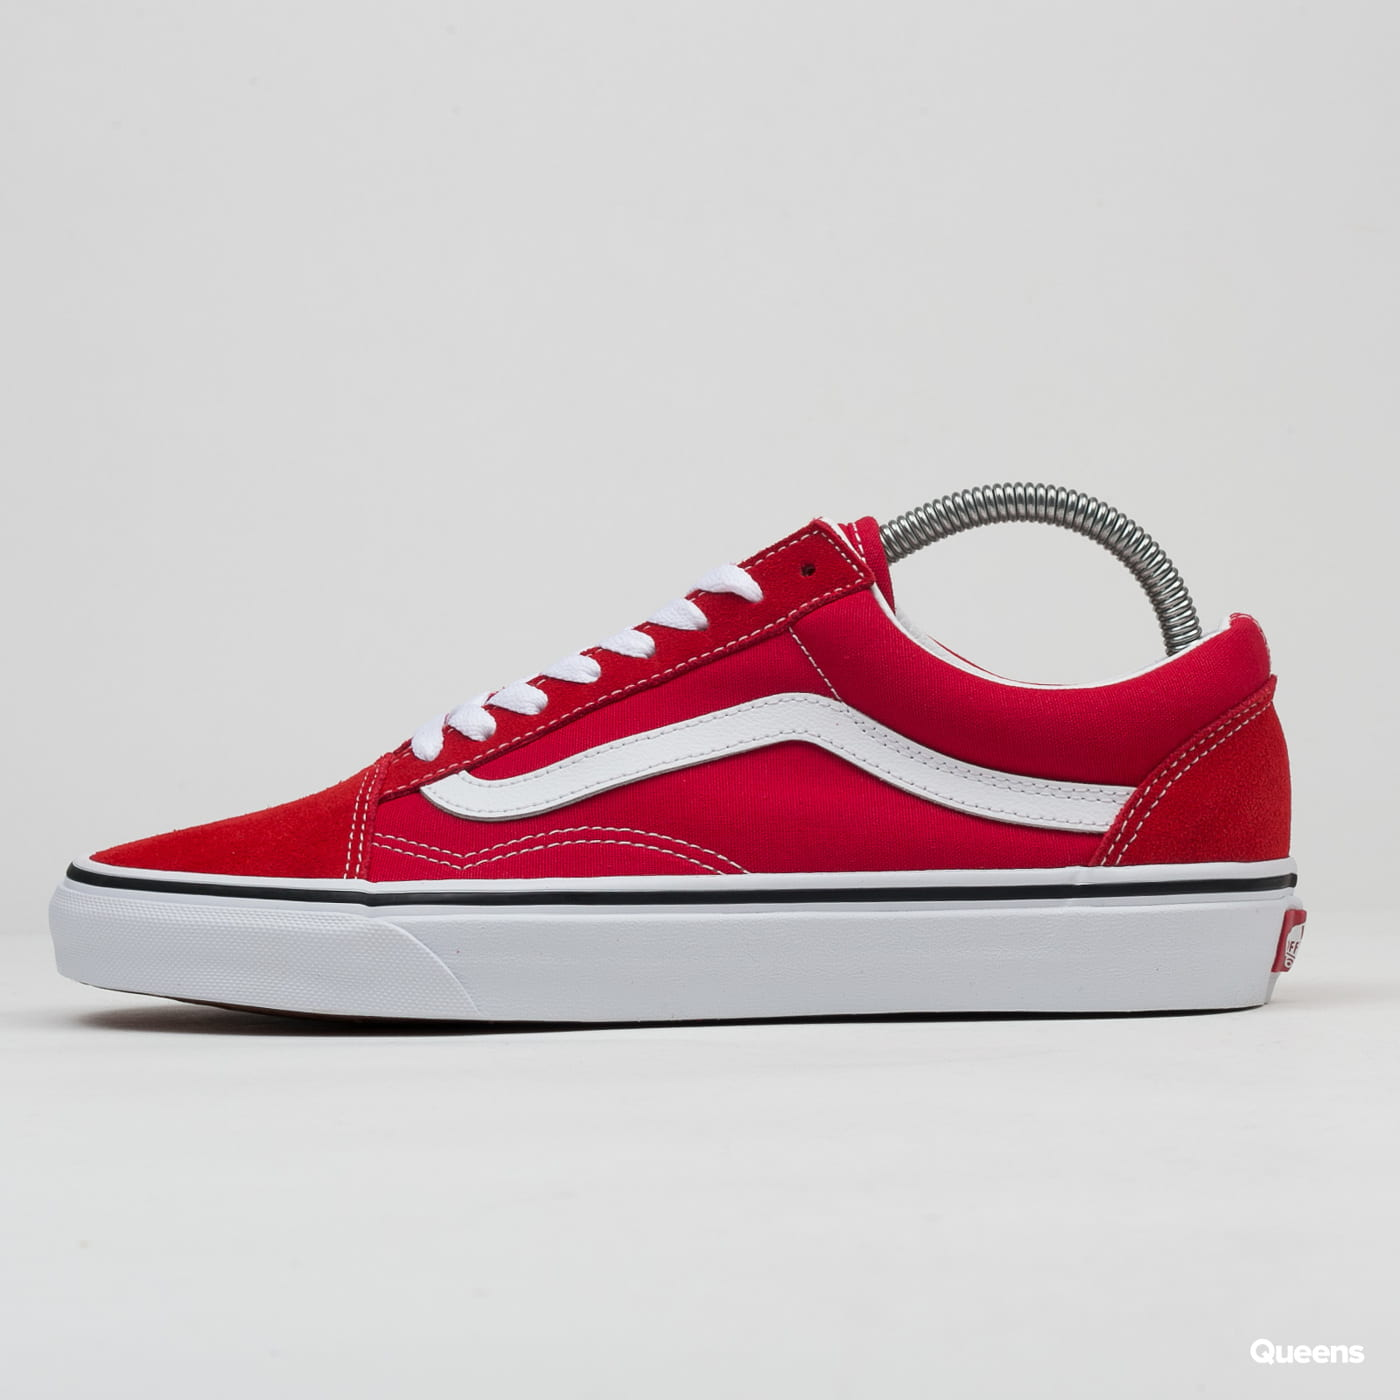 Vans Old Skool racing red / true white